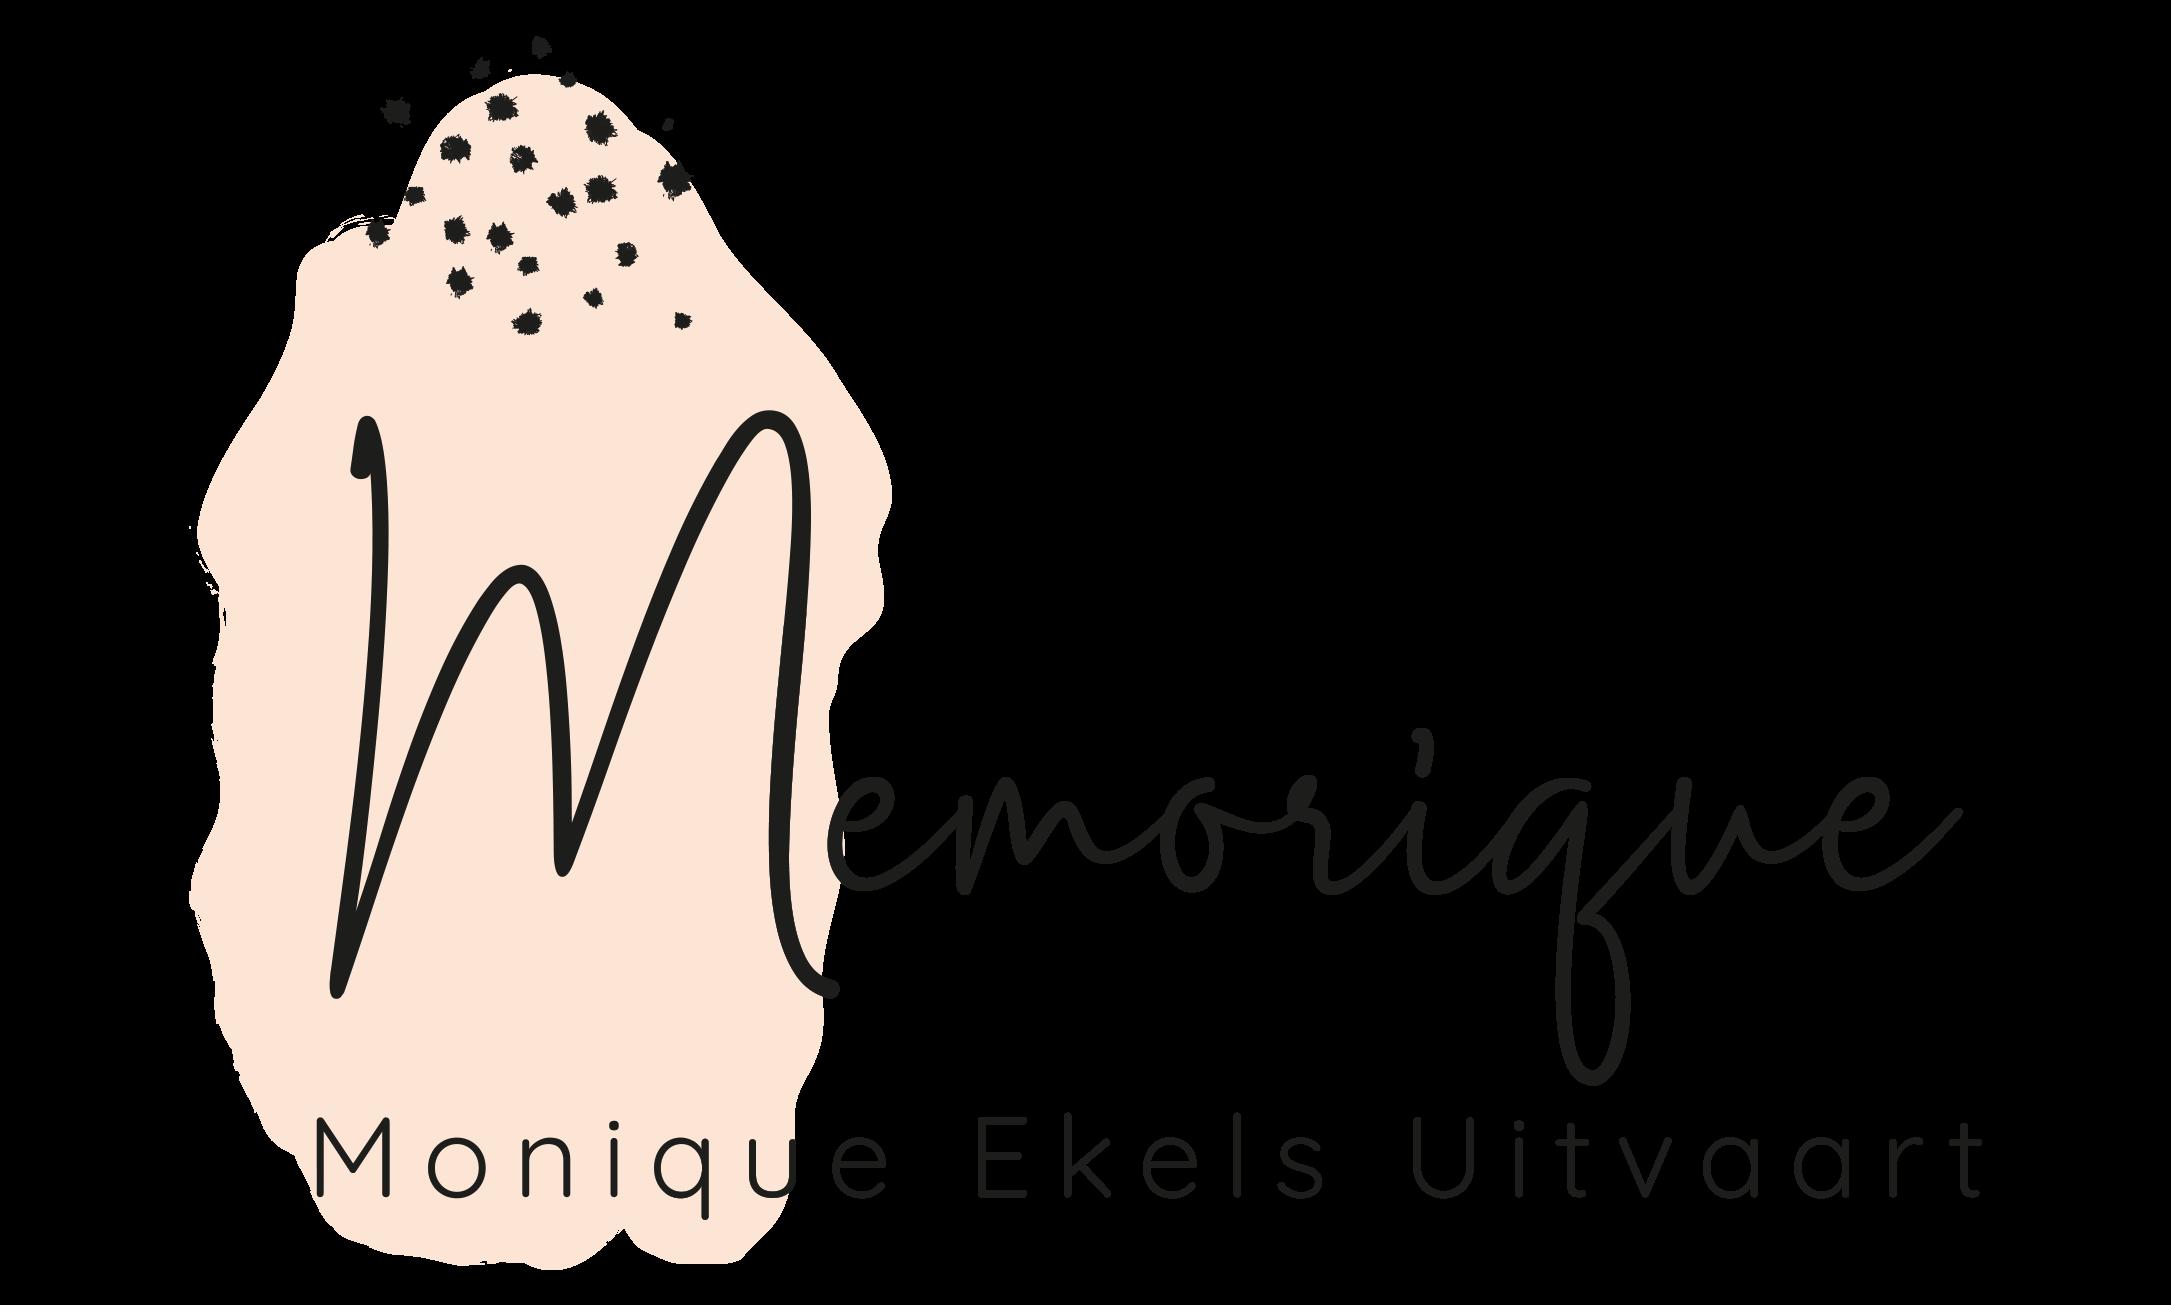 Memorique | Monique Ekels Uitvaart - Persoonlijke Uitvaartbegeleiding uit Muiderberg en Tuindorp Oostzaan